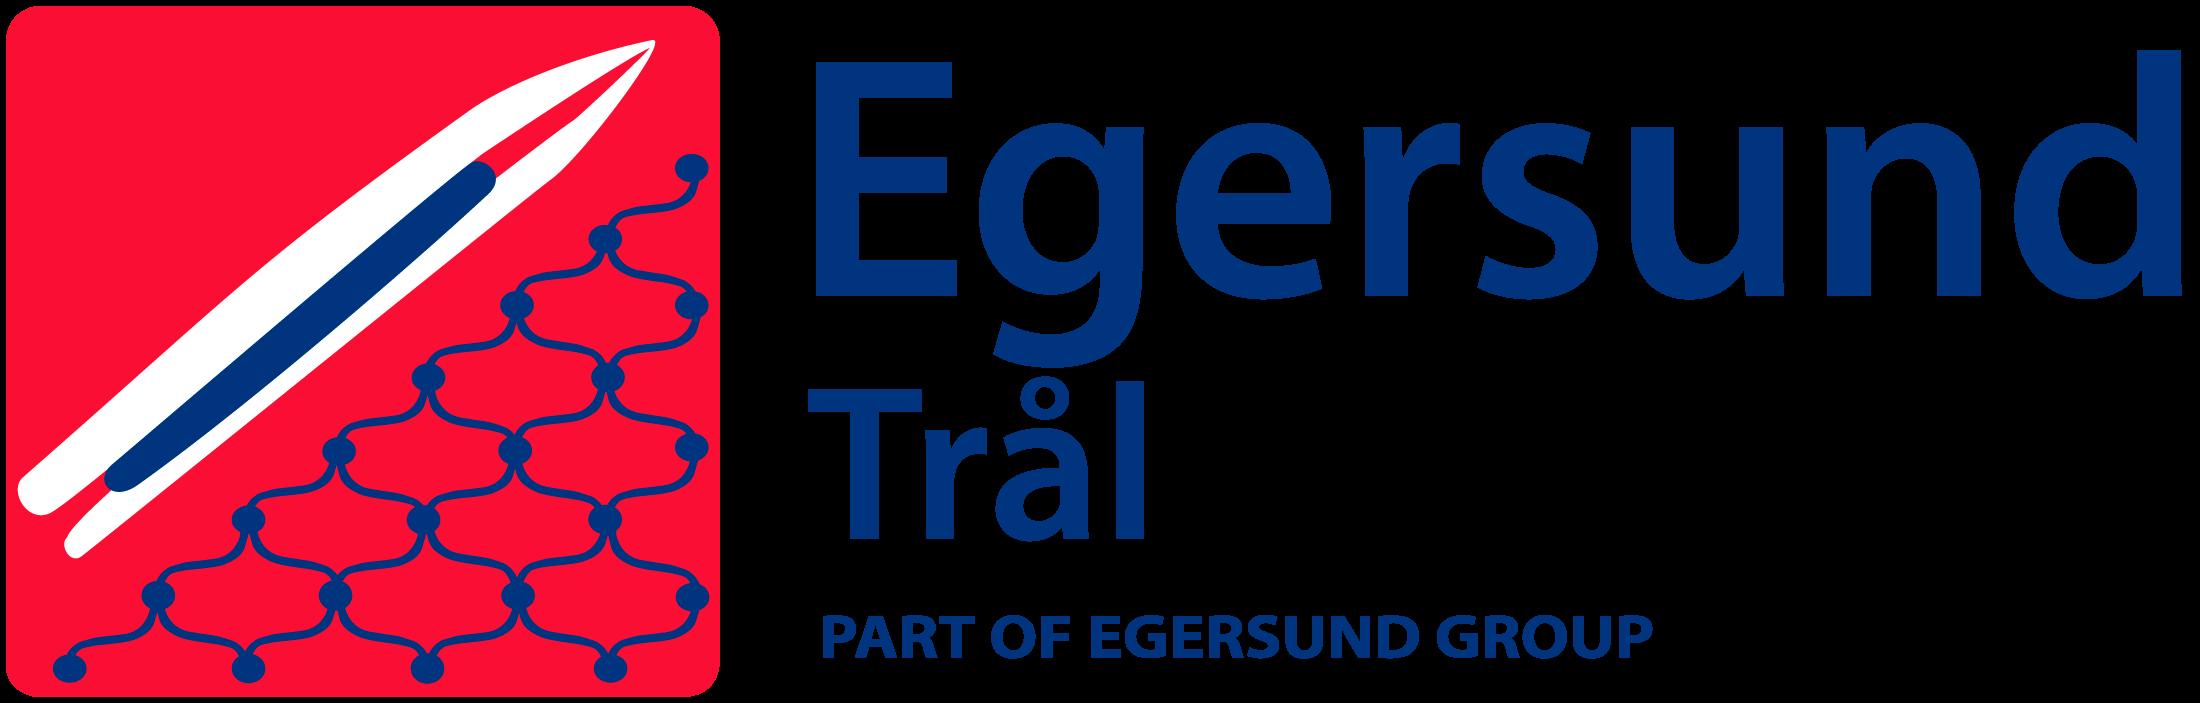 Egersund Trål - Part of Eggersund Group. Grafikk